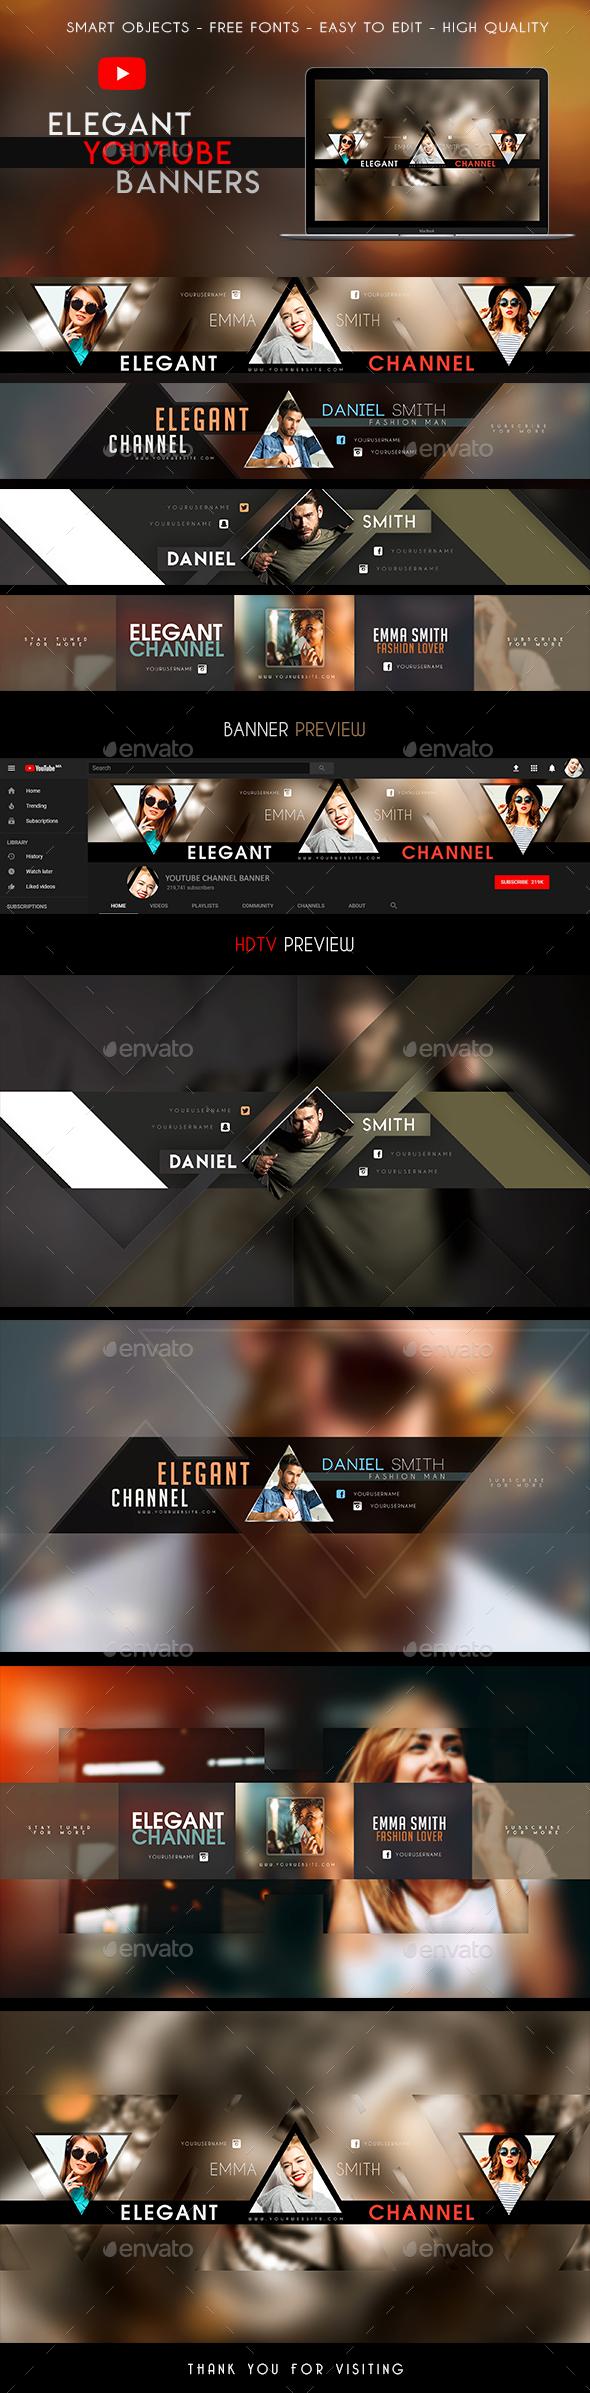 4 Elegant YouTube Banners - YouTube Social Media